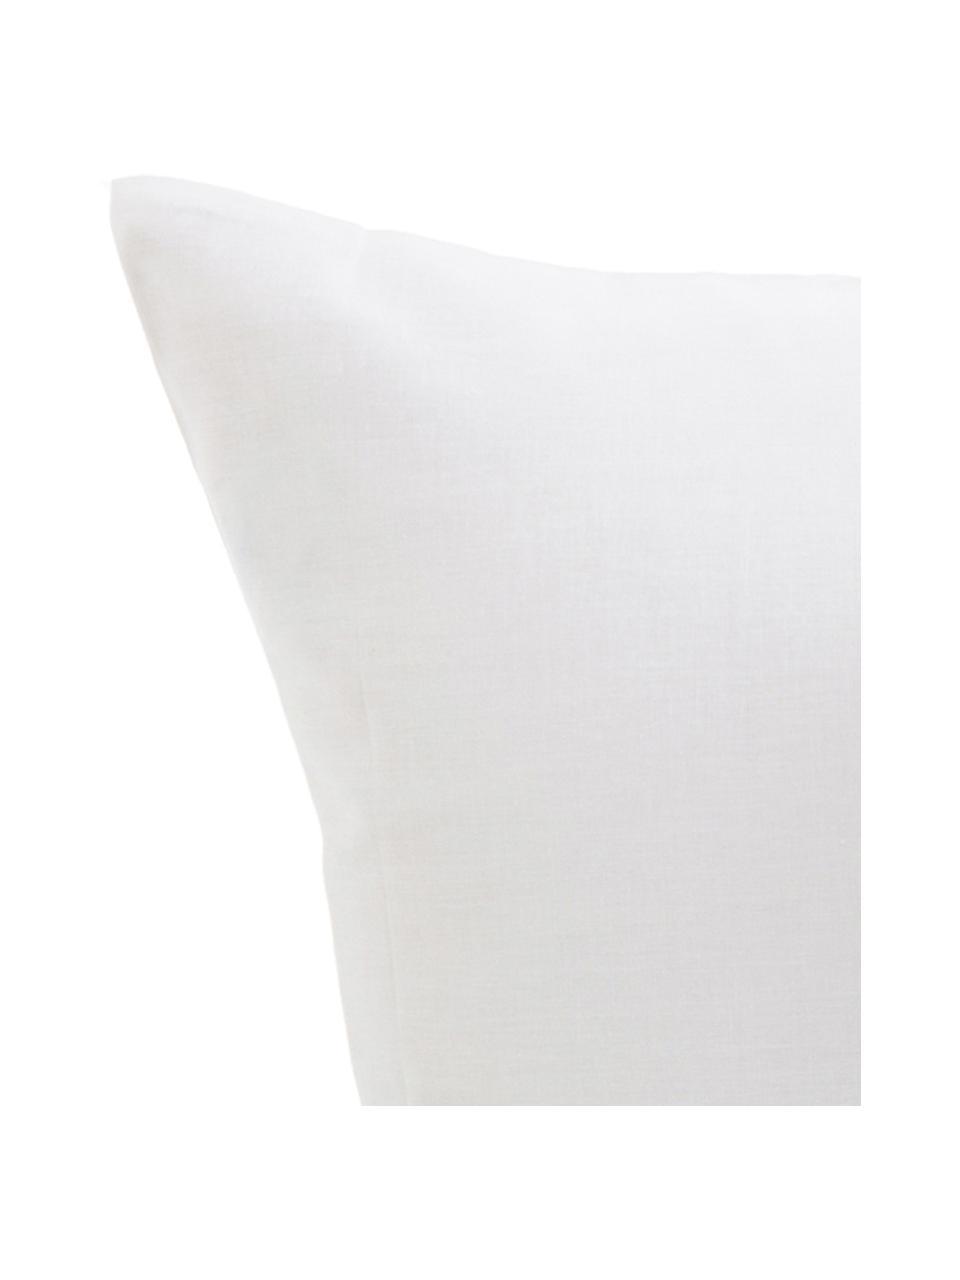 Parure copripiumino reversibile in cotone Trip, Cotone, Bianco, nero, 200 x 200 cm